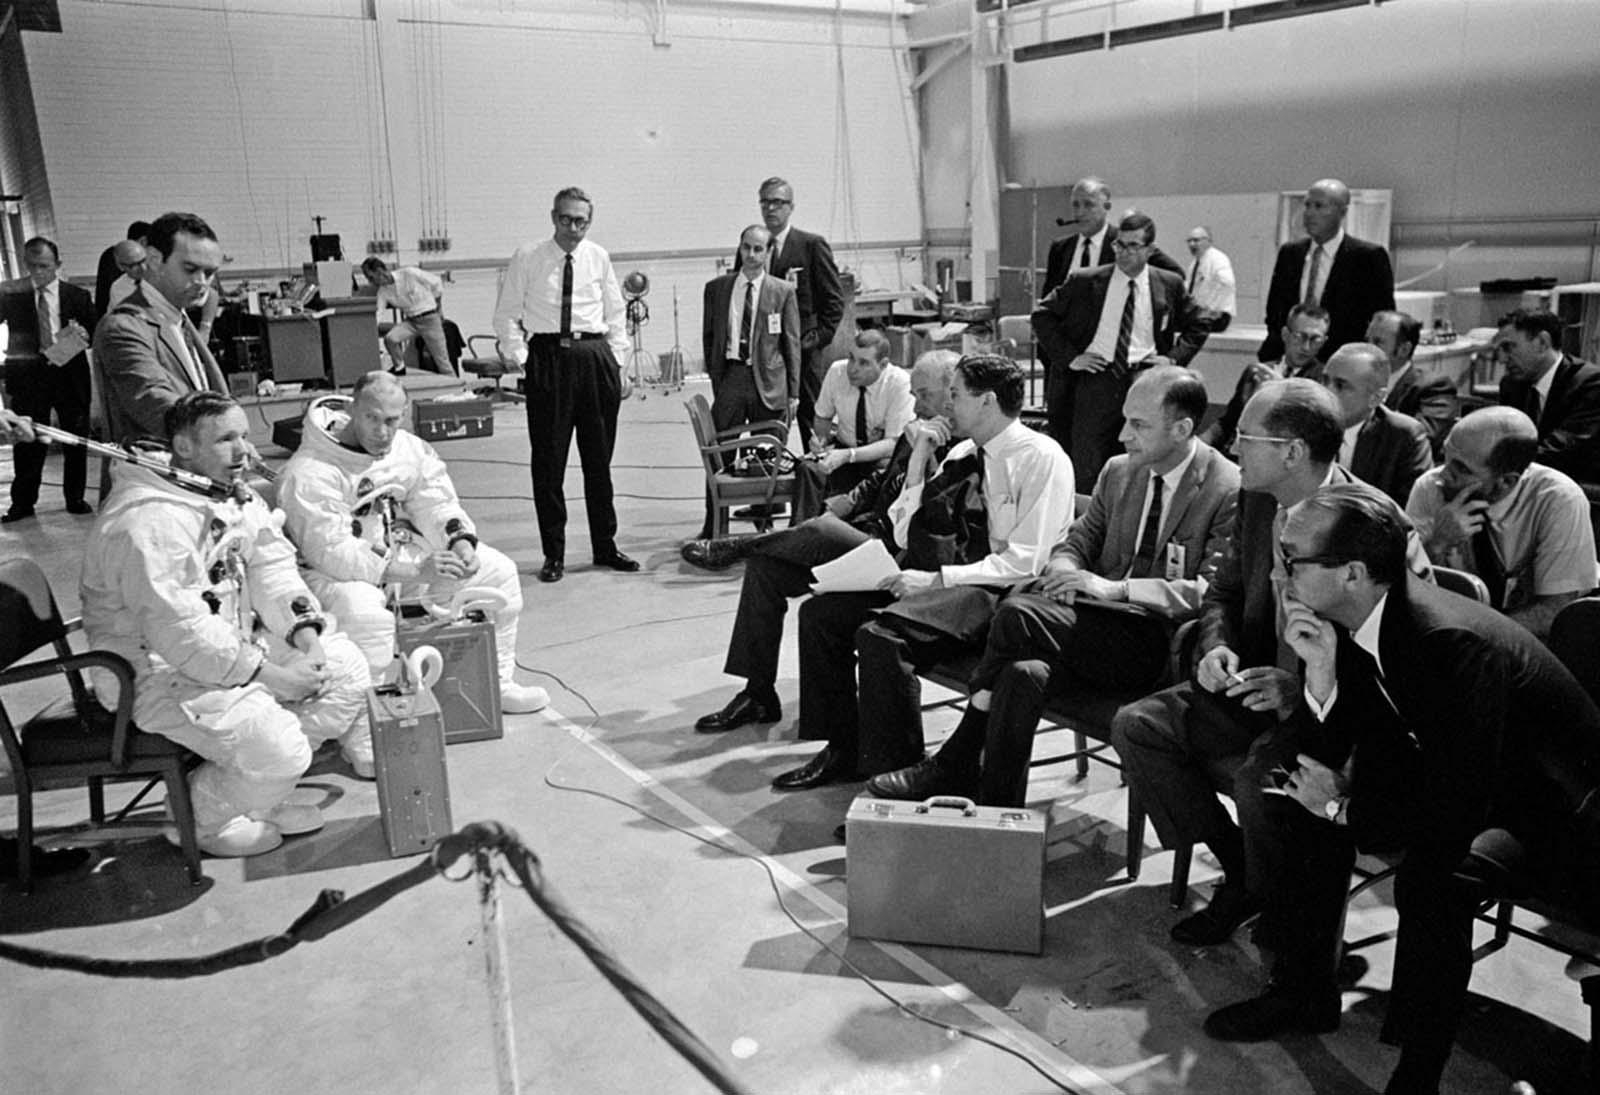 Apollo 11 preparation%2B%252822%2529 - Fotos raras da preparação de Neil Armstrong antes de ir a Lua